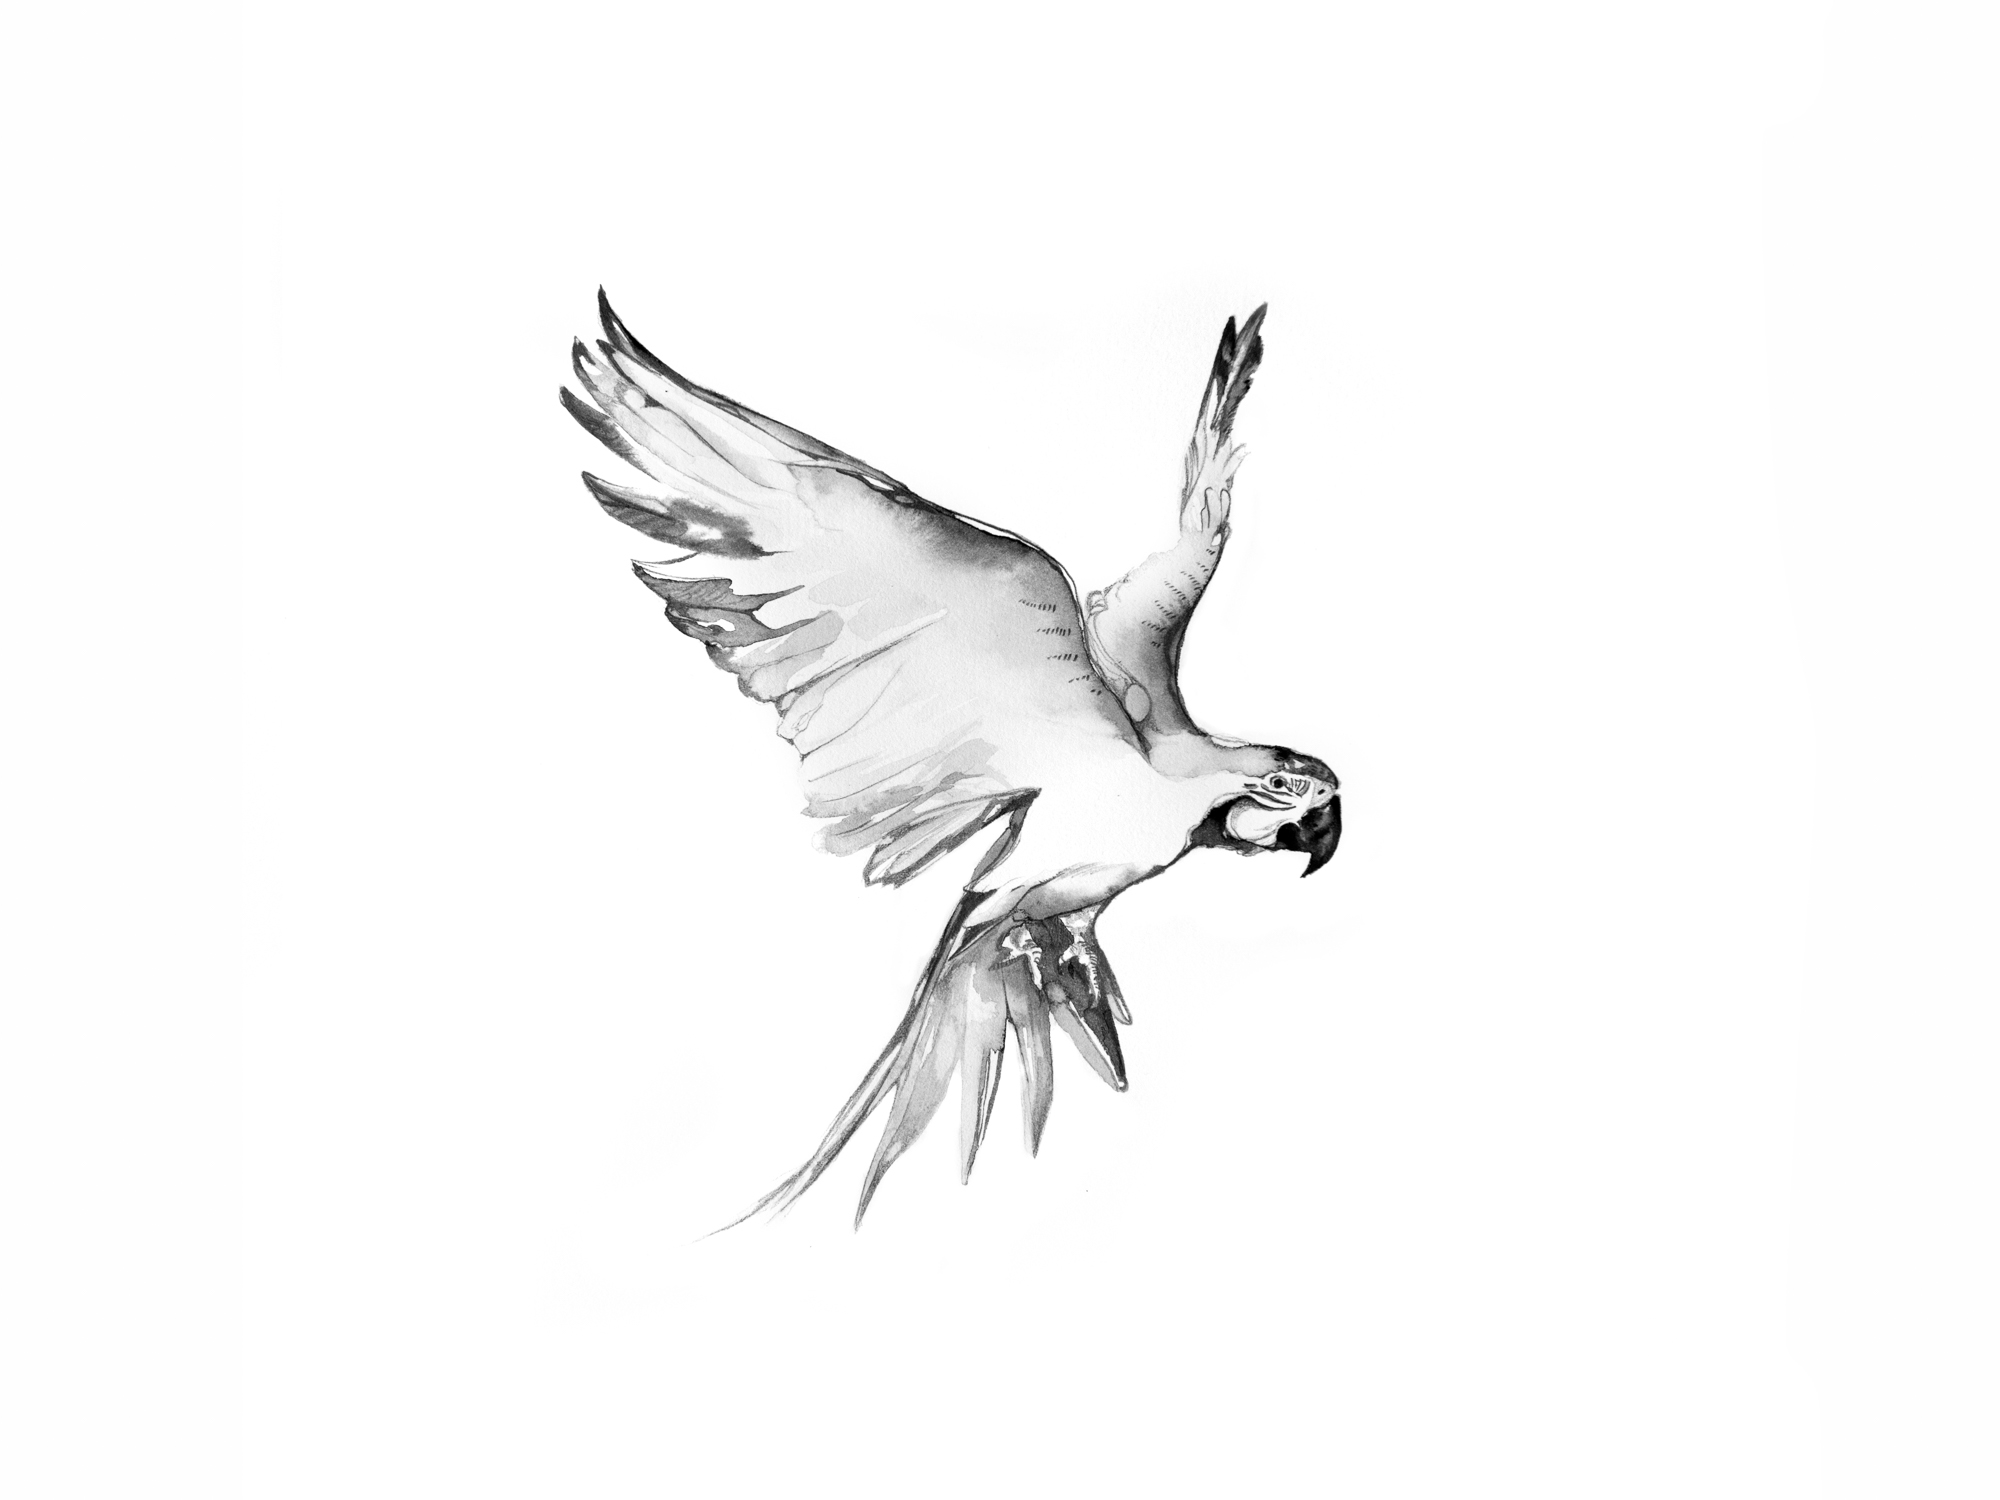 6-Bec_Kilpatrick_Illustration_Antlers_WingsPARROT